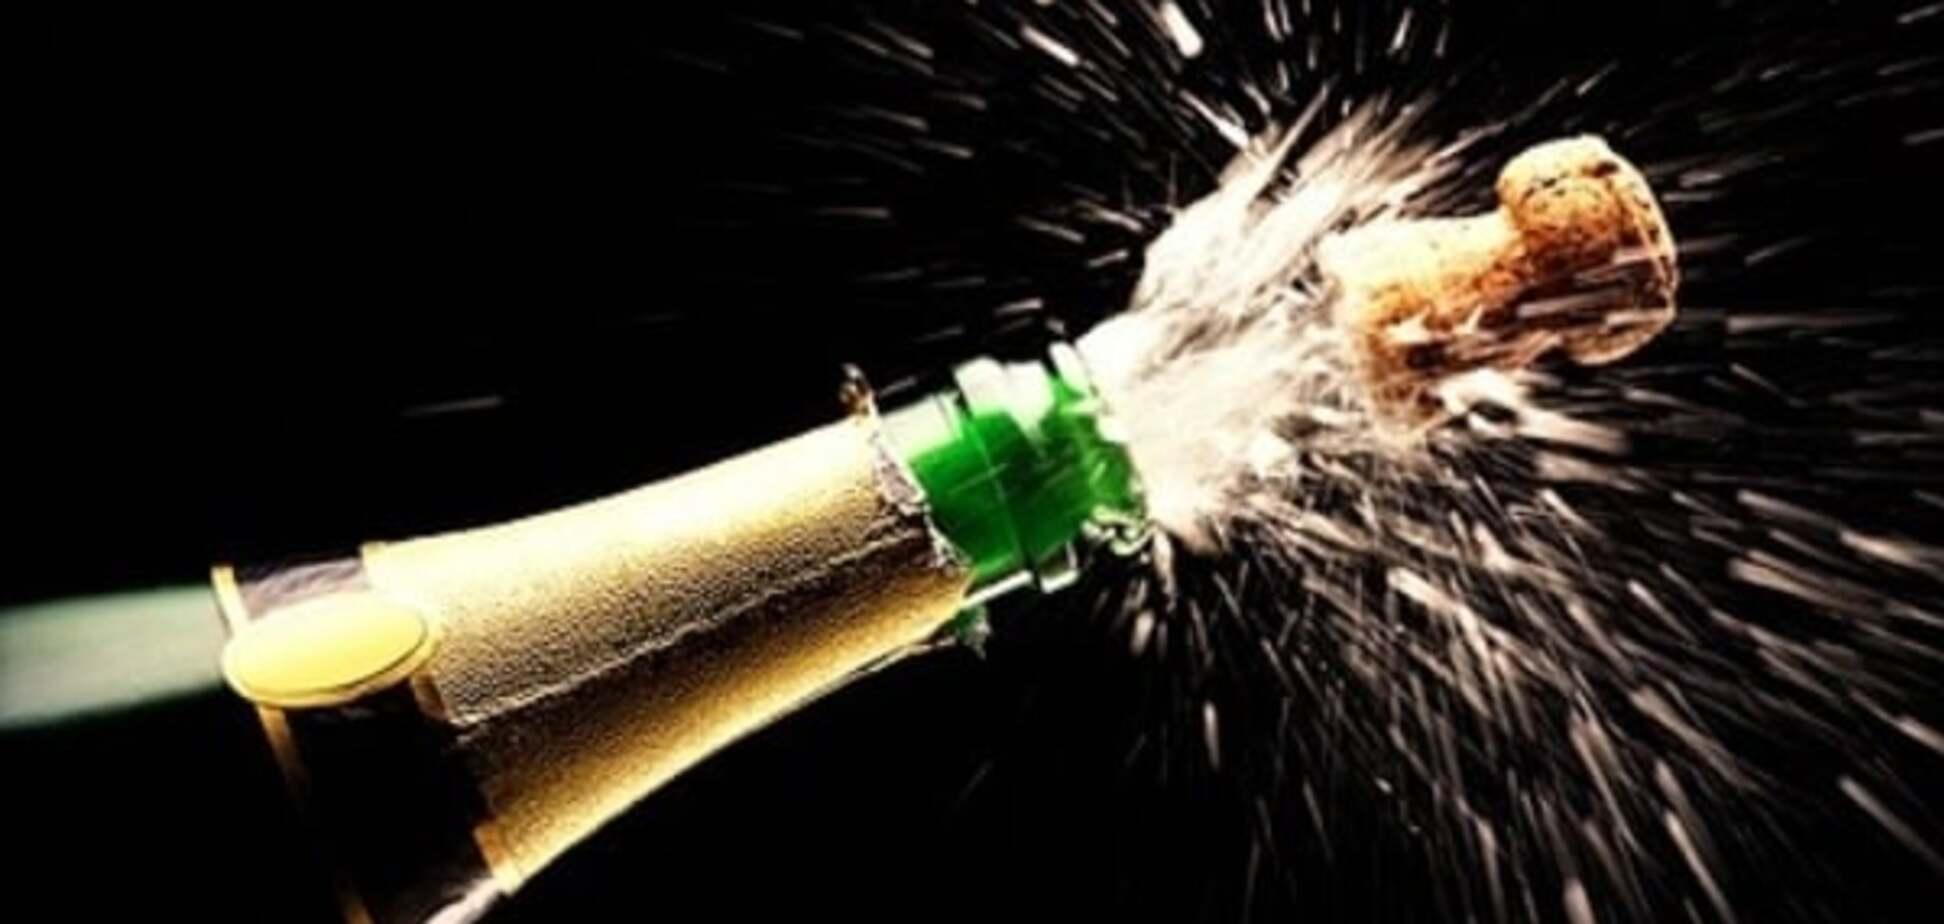 Російська школярка вкрала ящик шампанського 'на опохмел'